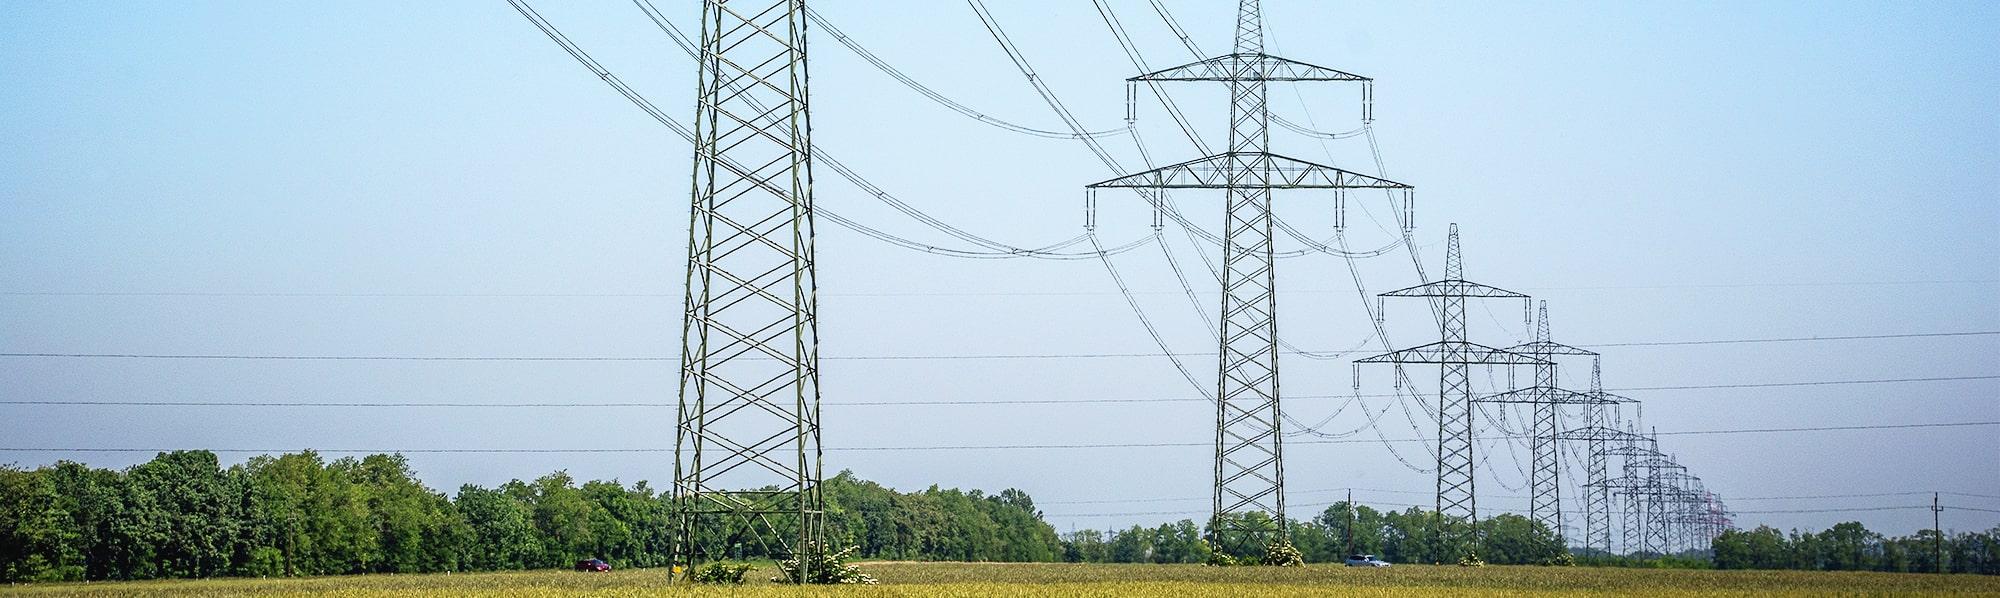 Xây lắp điện trung thế